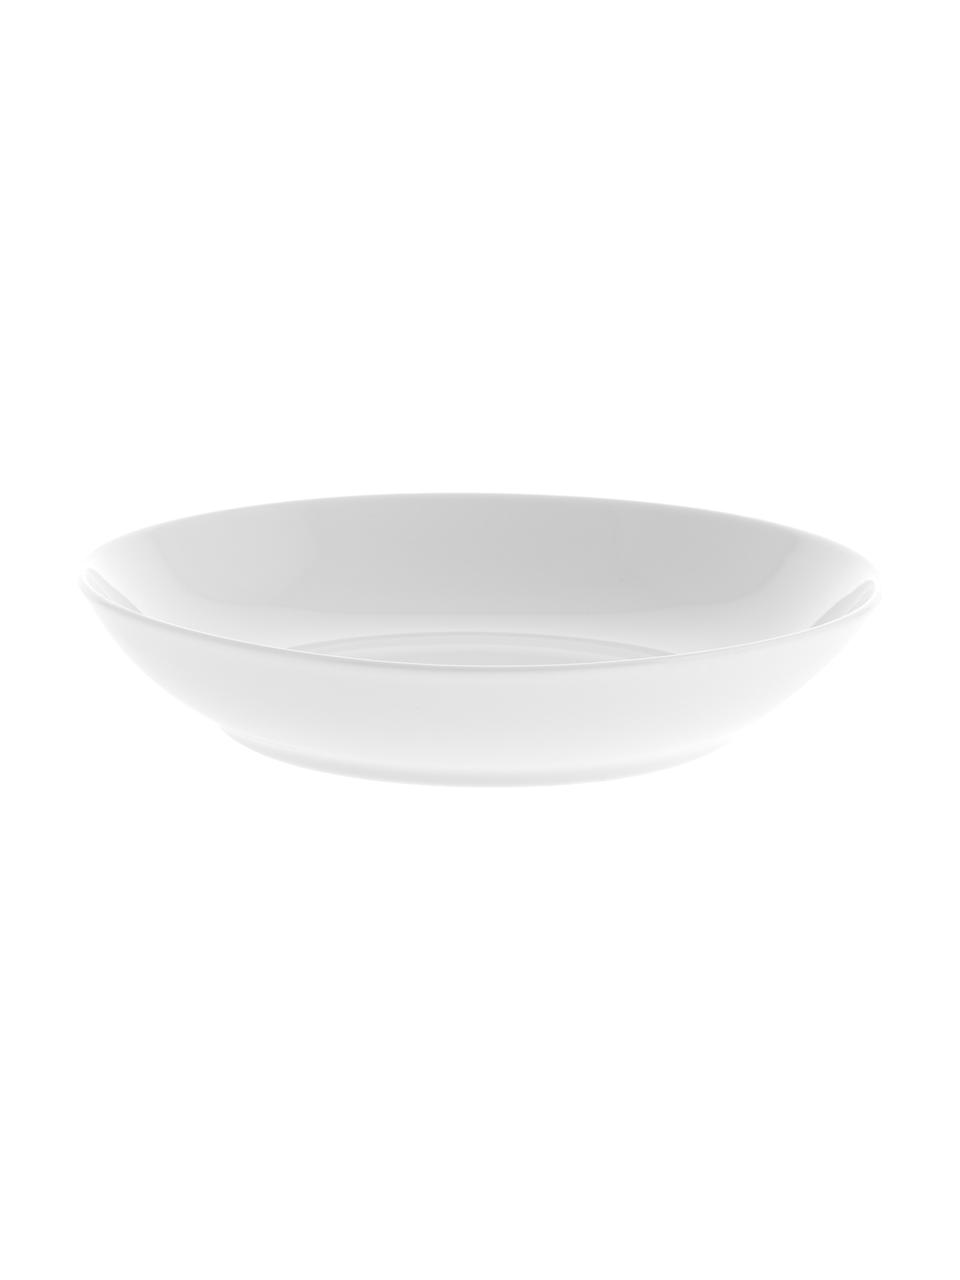 Talerz głęboki z porcelany Delight Modern, 2 szt., Porcelana, Biały, Ø 21 x W 4 cm